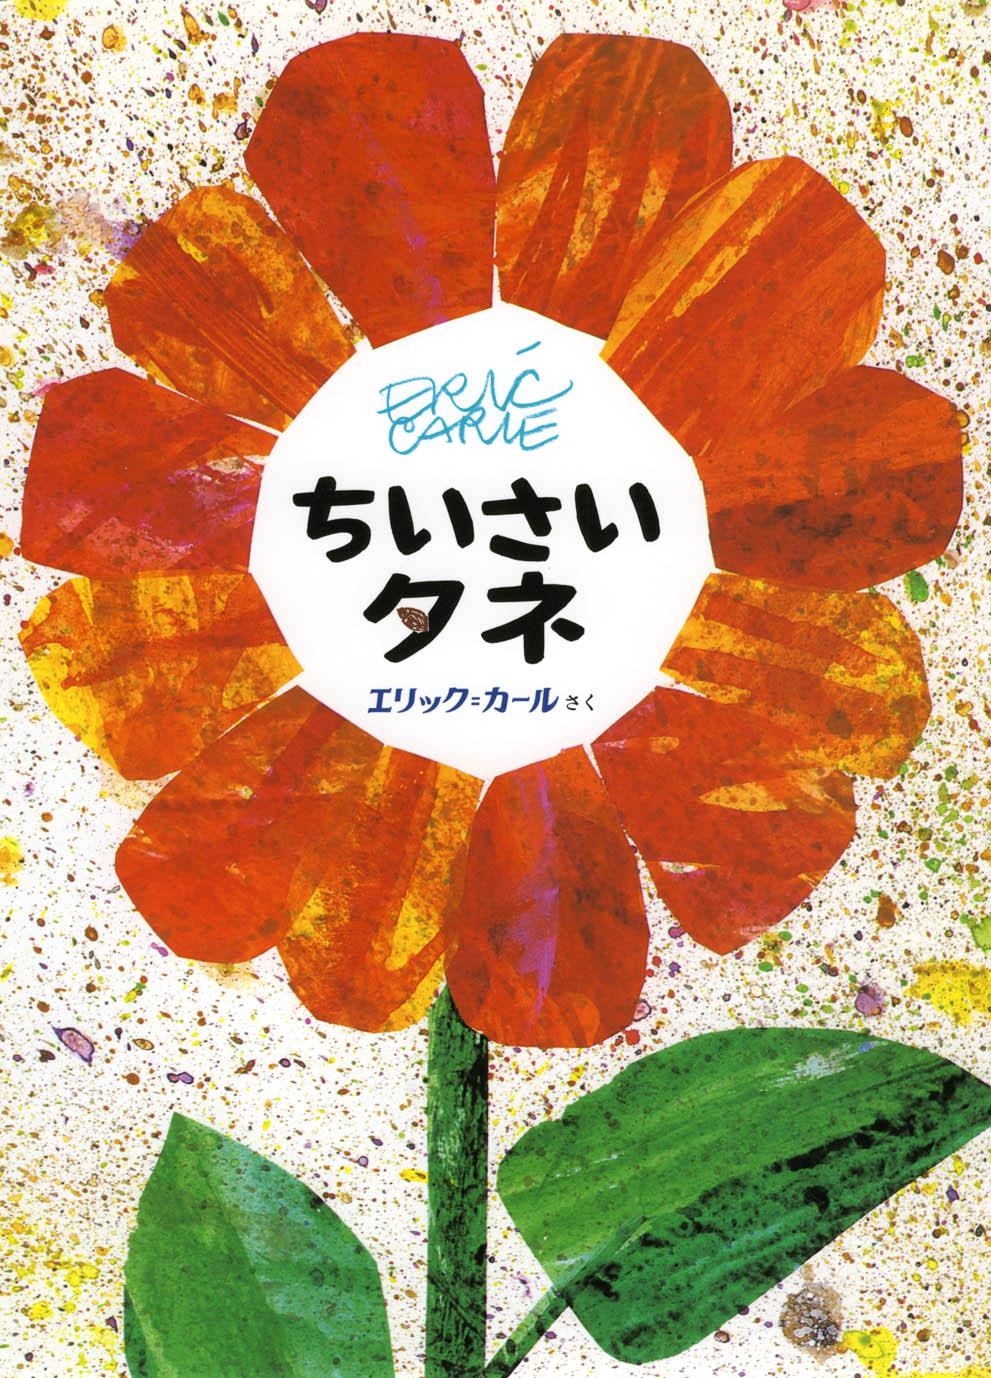 エリック・カールさんの『ちいさいタネ』がTOKYO FM「よみきかせ」で朗読されます